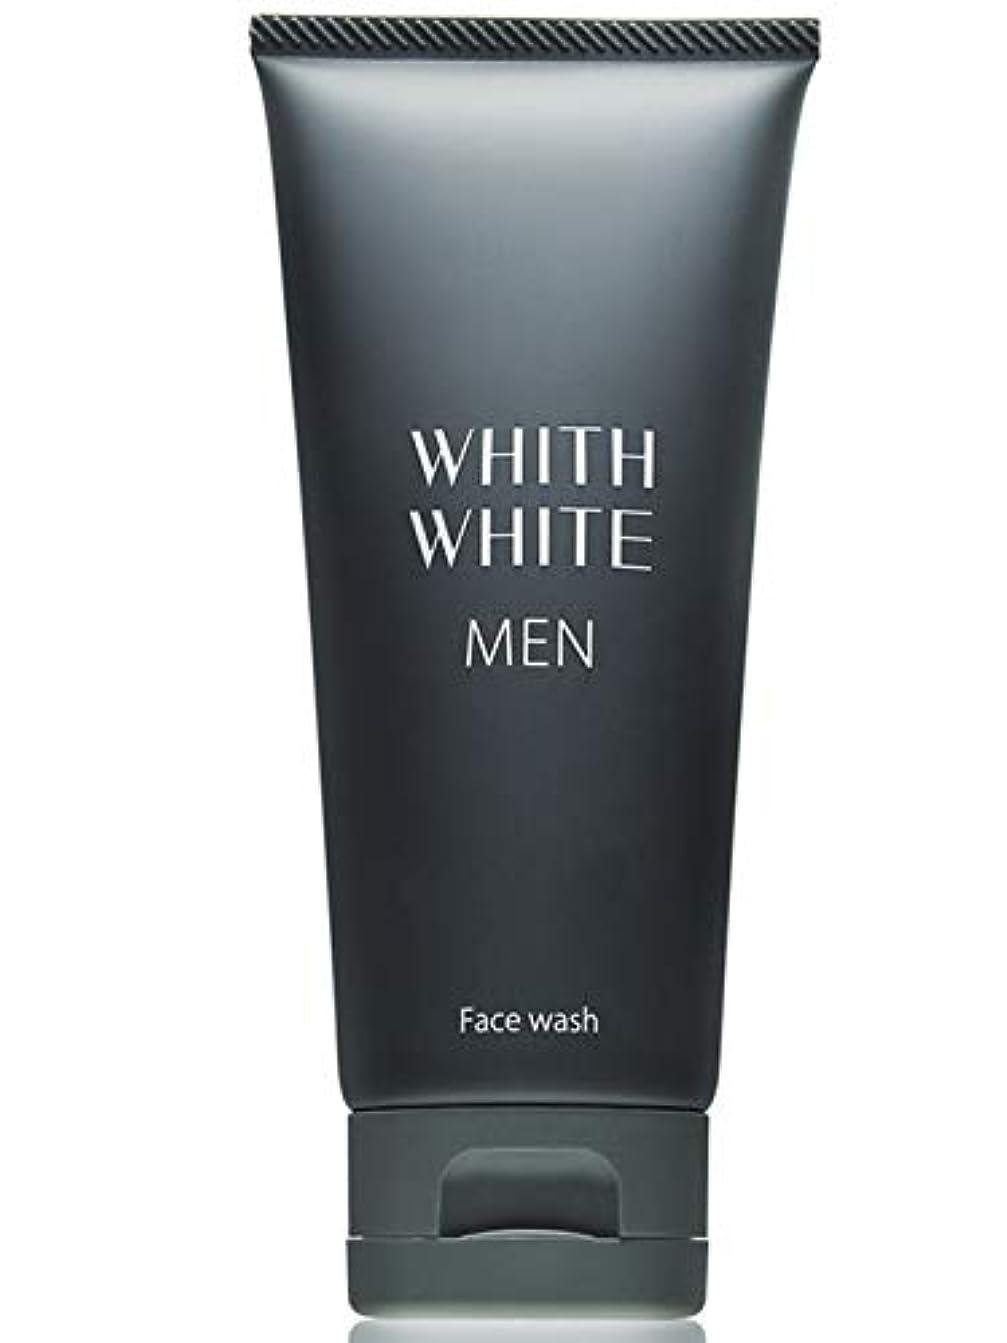 ミッションコンバーチブルもつれ洗顔 メンズ 医薬部外品 【 男 の しみ くすみ 対策 】 フィス ホワイト 「 30代~50代の 男性 専用 洗顔フォーム 」「 保湿 ヒアルロン酸 配合 洗顔料 」(男性用 スキンケア 化粧品 )95g